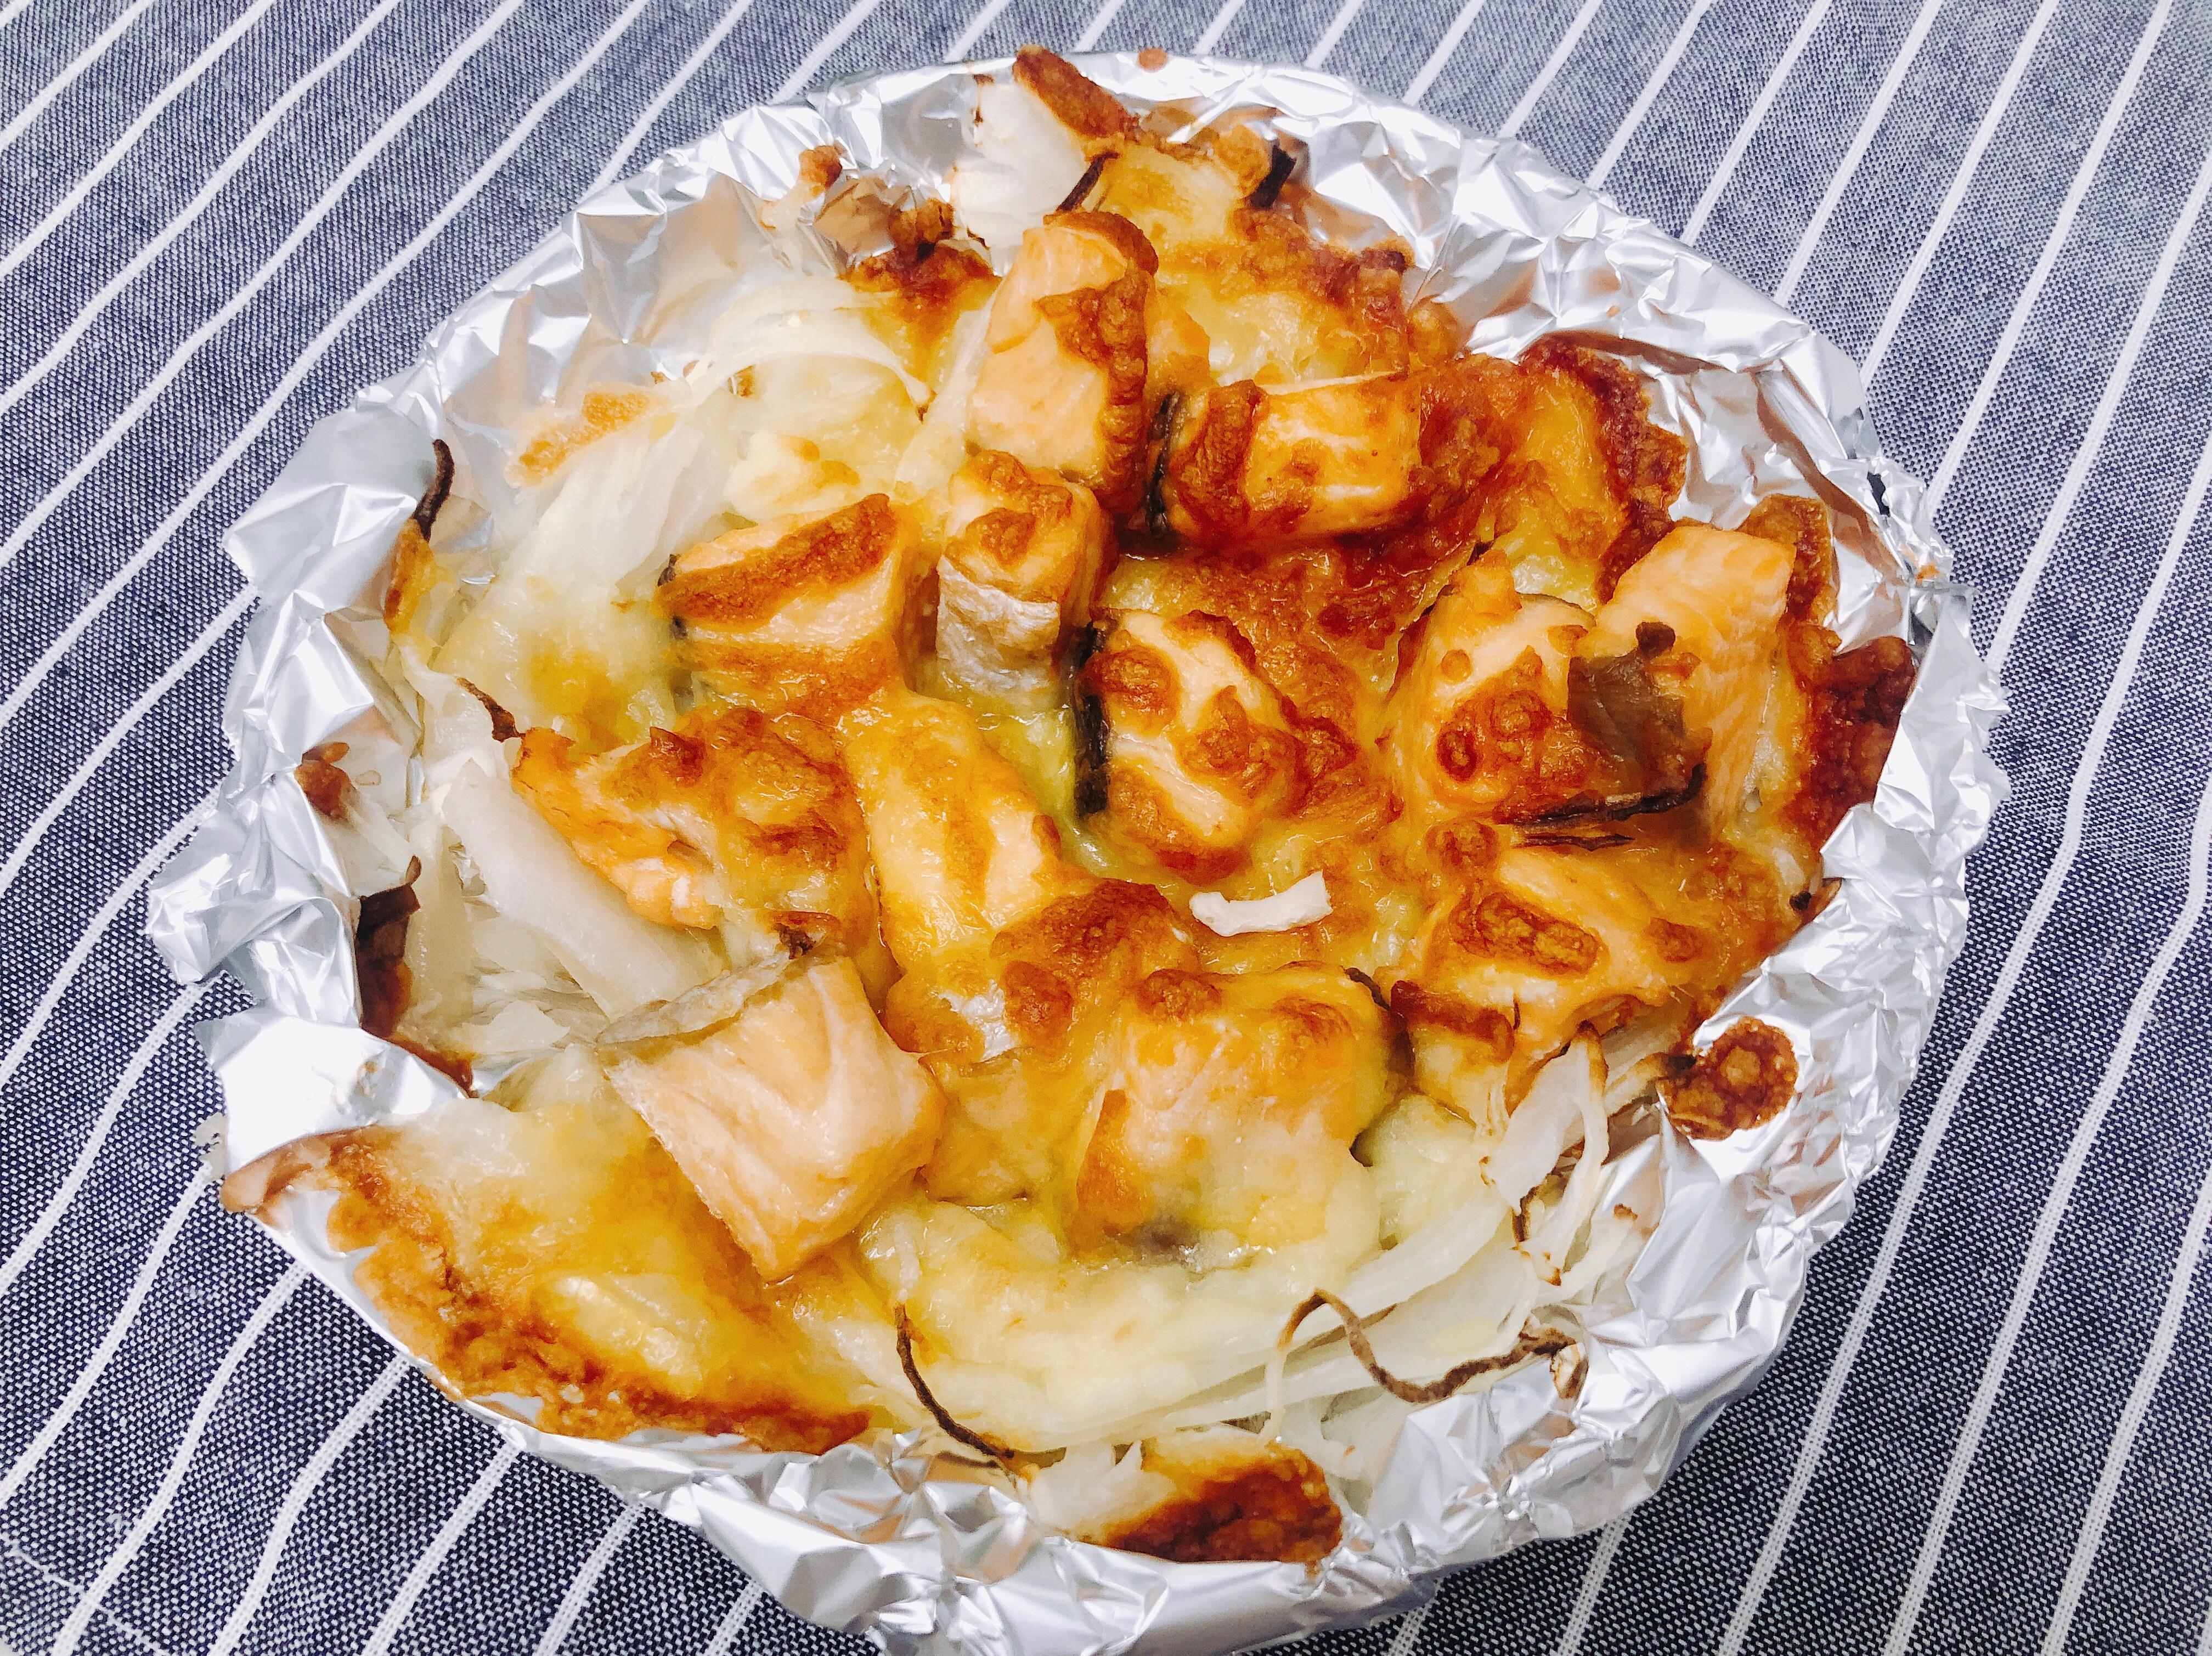 《氣炸鍋料理》焗烤鮭魚